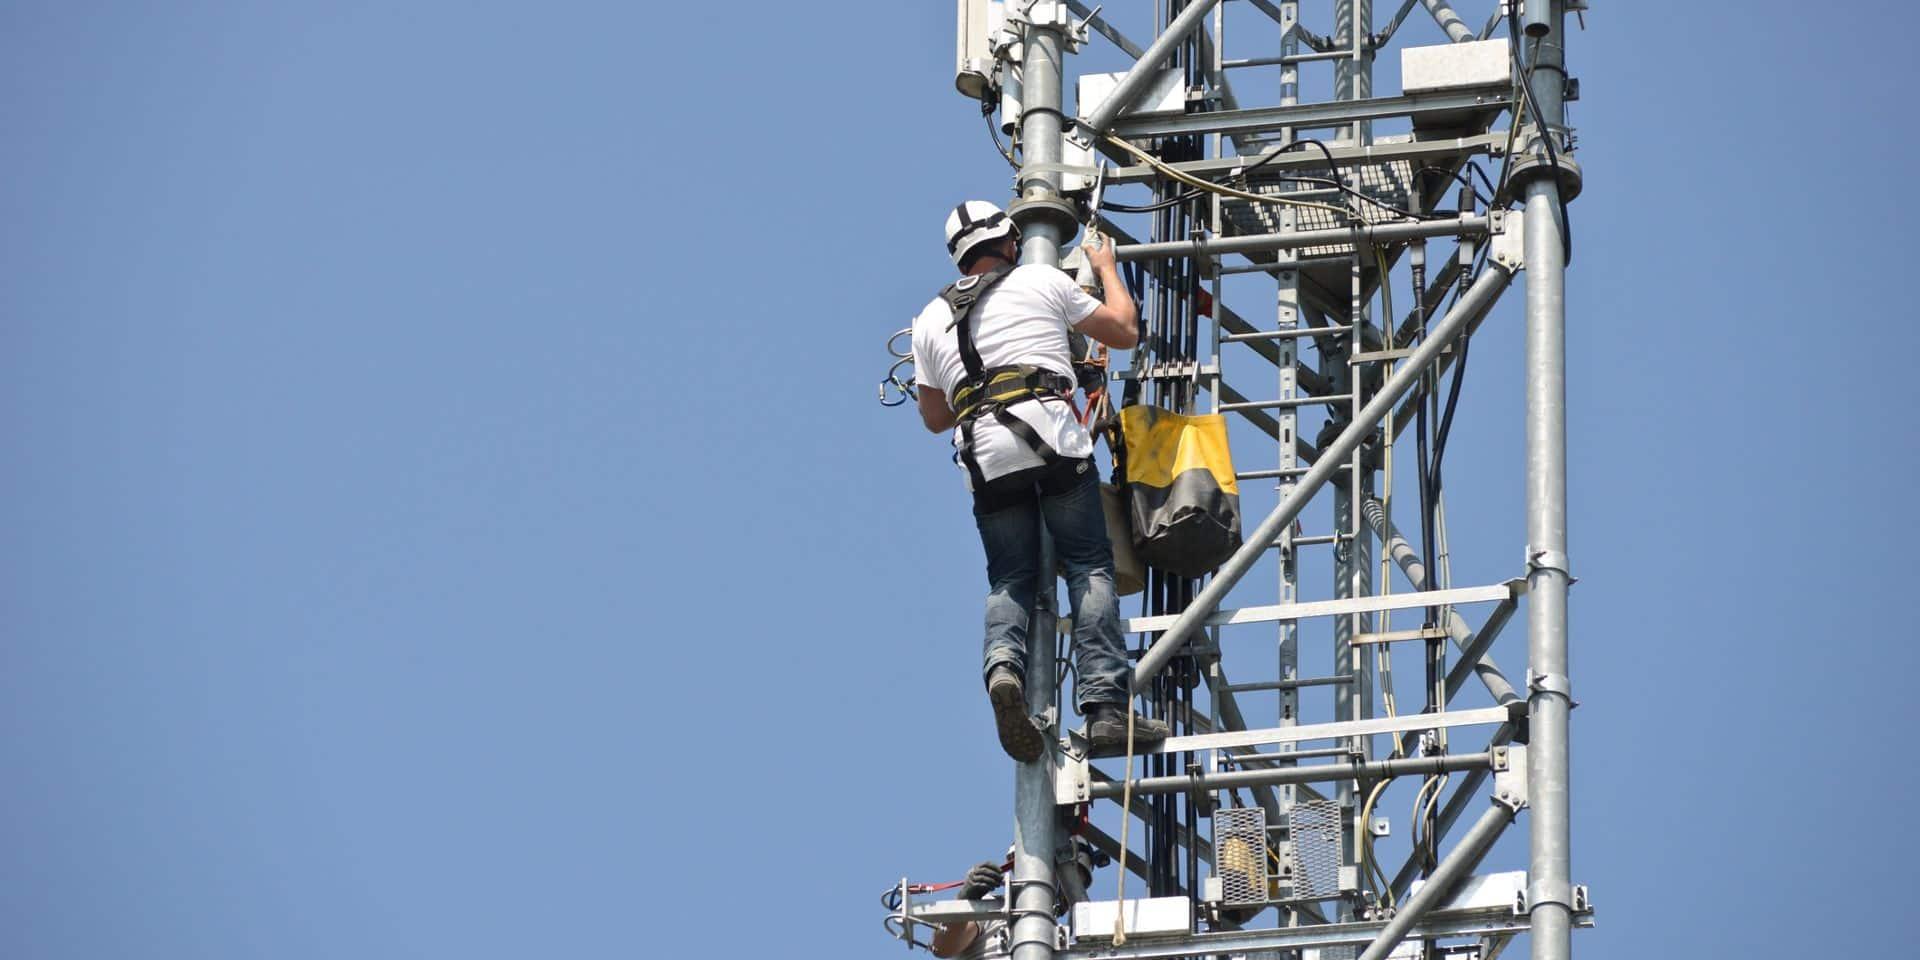 Une pétition contre une antenne 5G est lancée à Oeudeghien